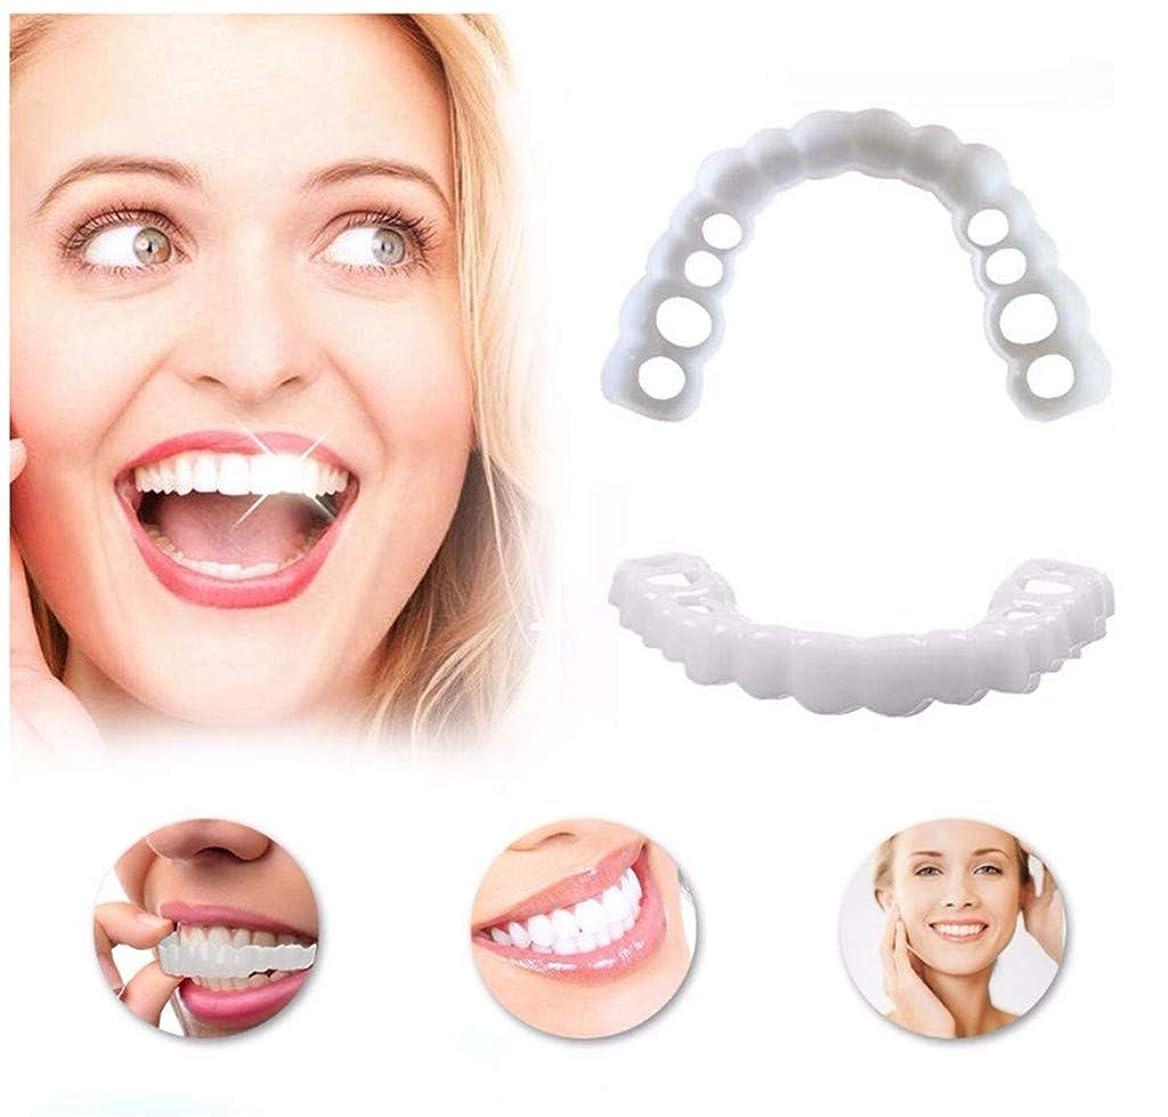 礼拝六サイクル仮装義歯フレックスシミュレートされた上部ブレース+下部ブレースワンサイズがほとんどの歯に適合パーフェクトベニアホワイト,40pairs